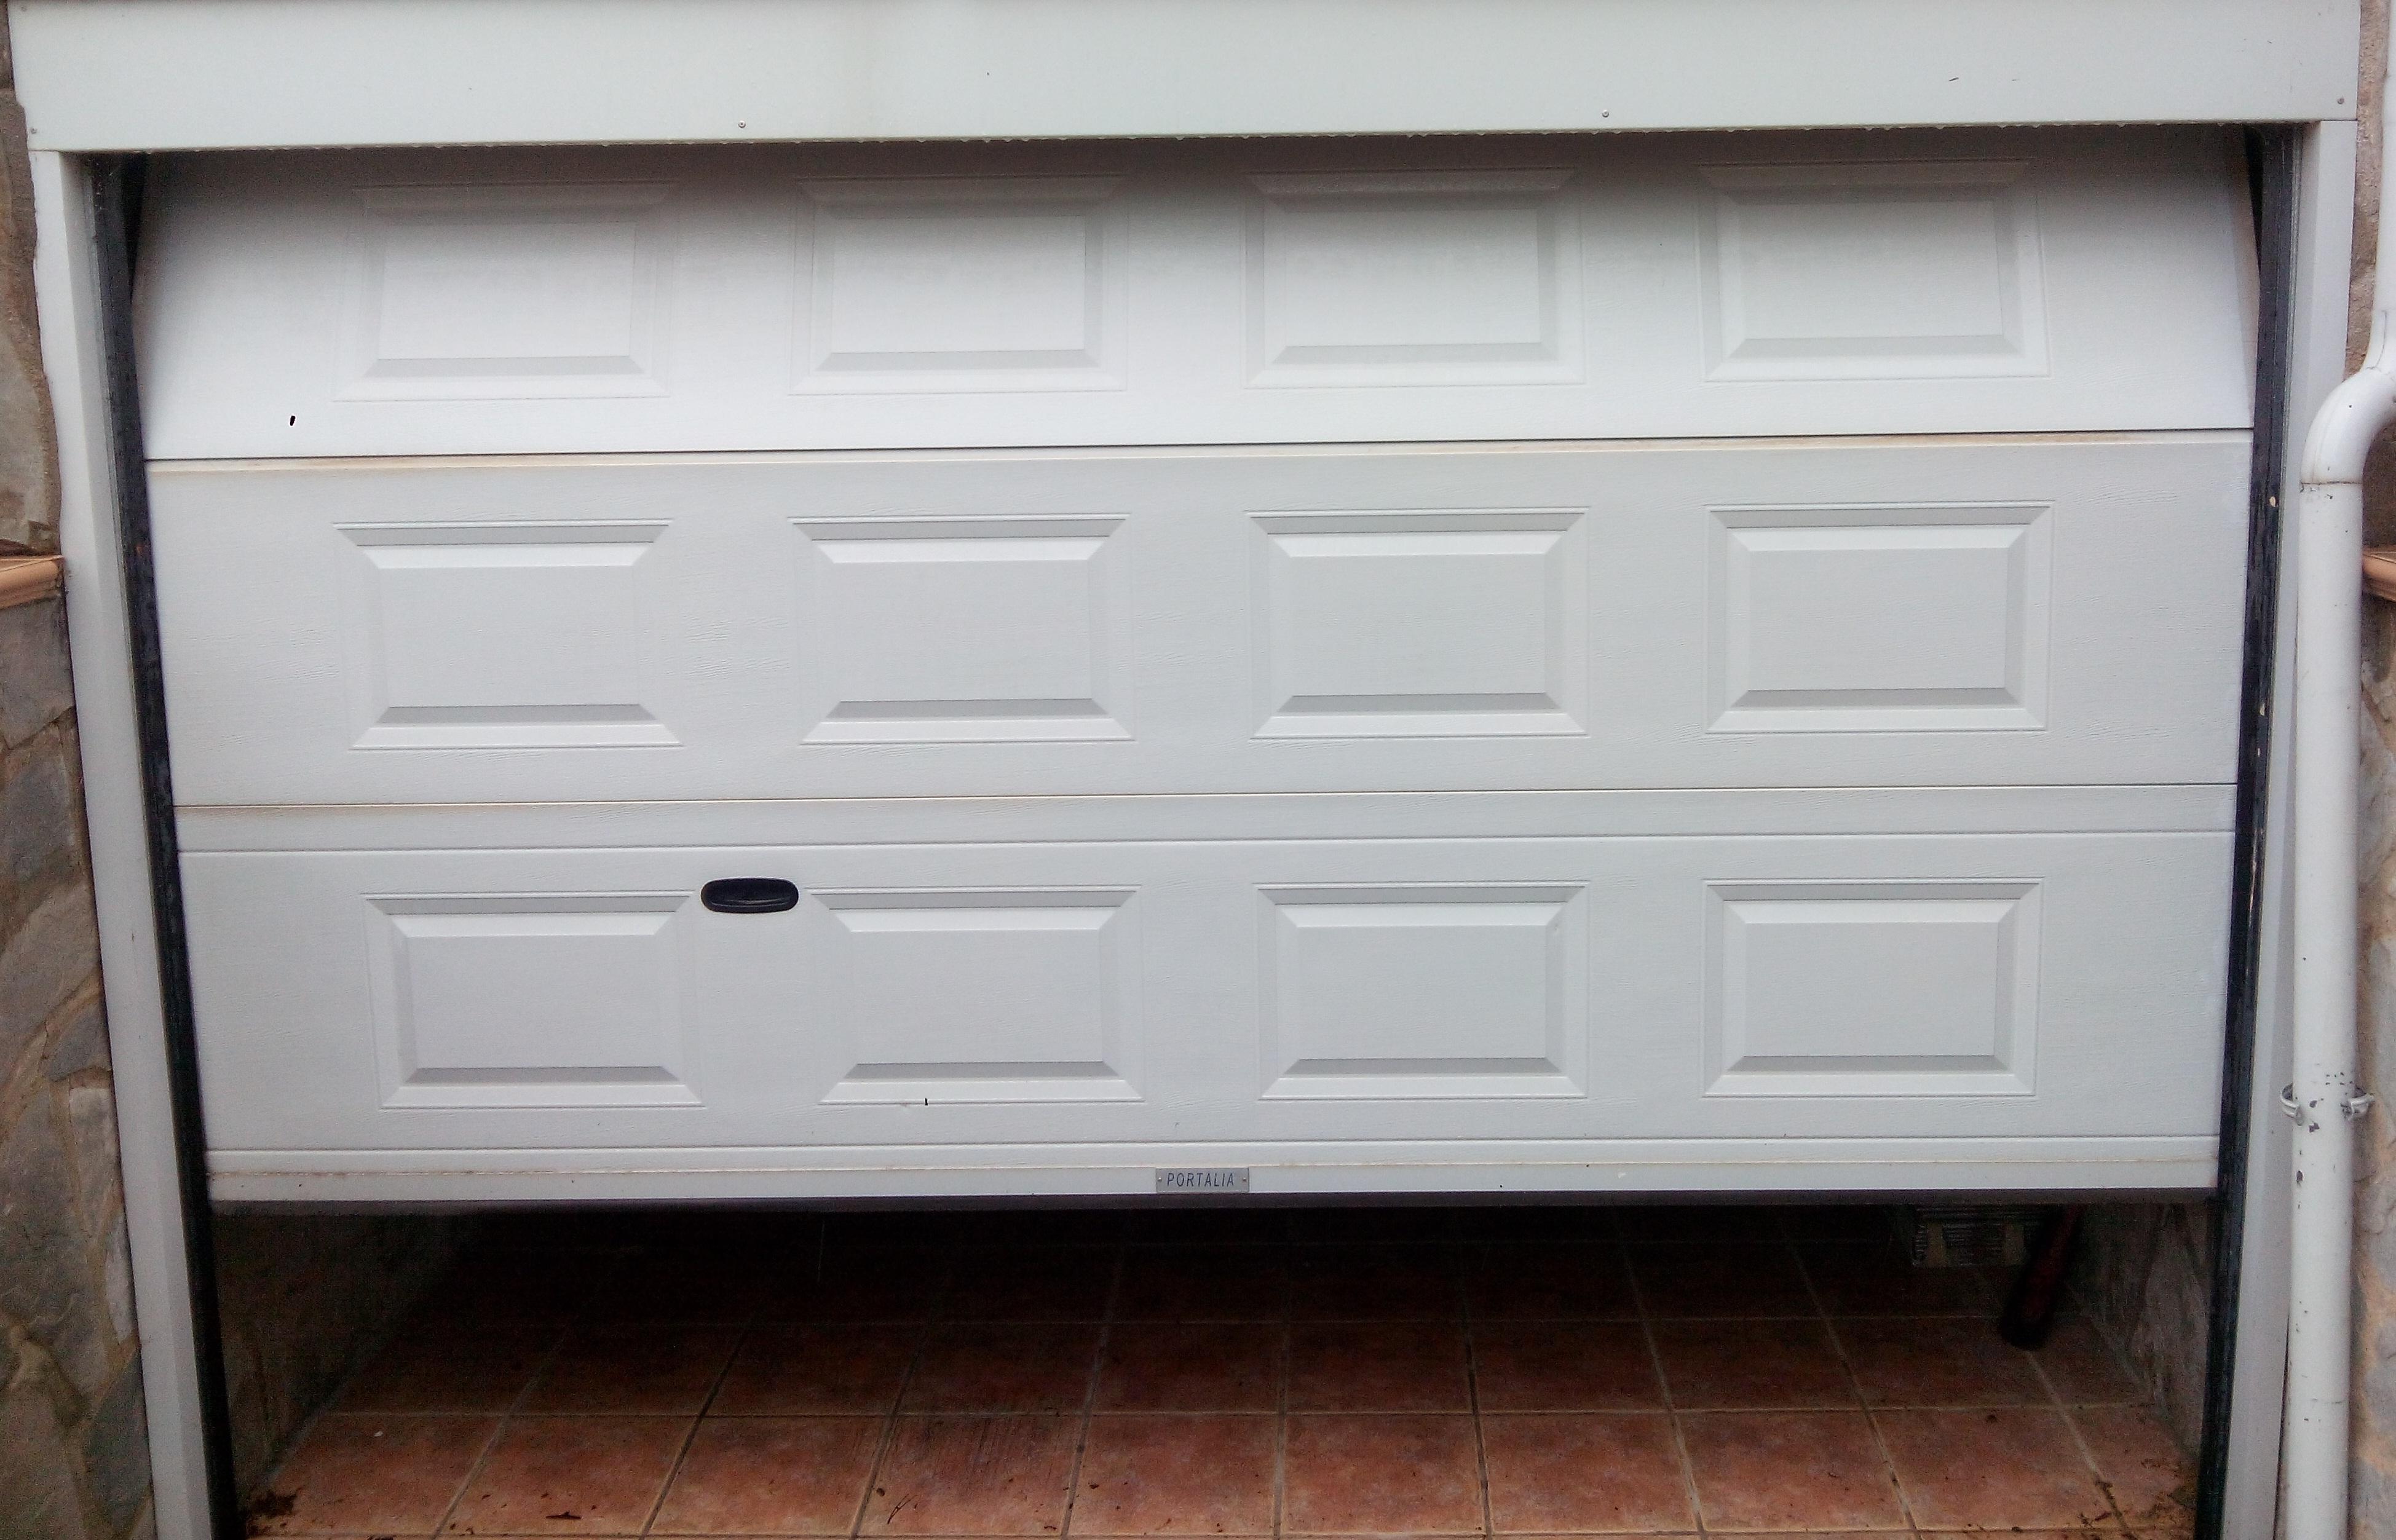 Puertas de garaje dg montajes de aluminio - Puertas para cerramientos ...